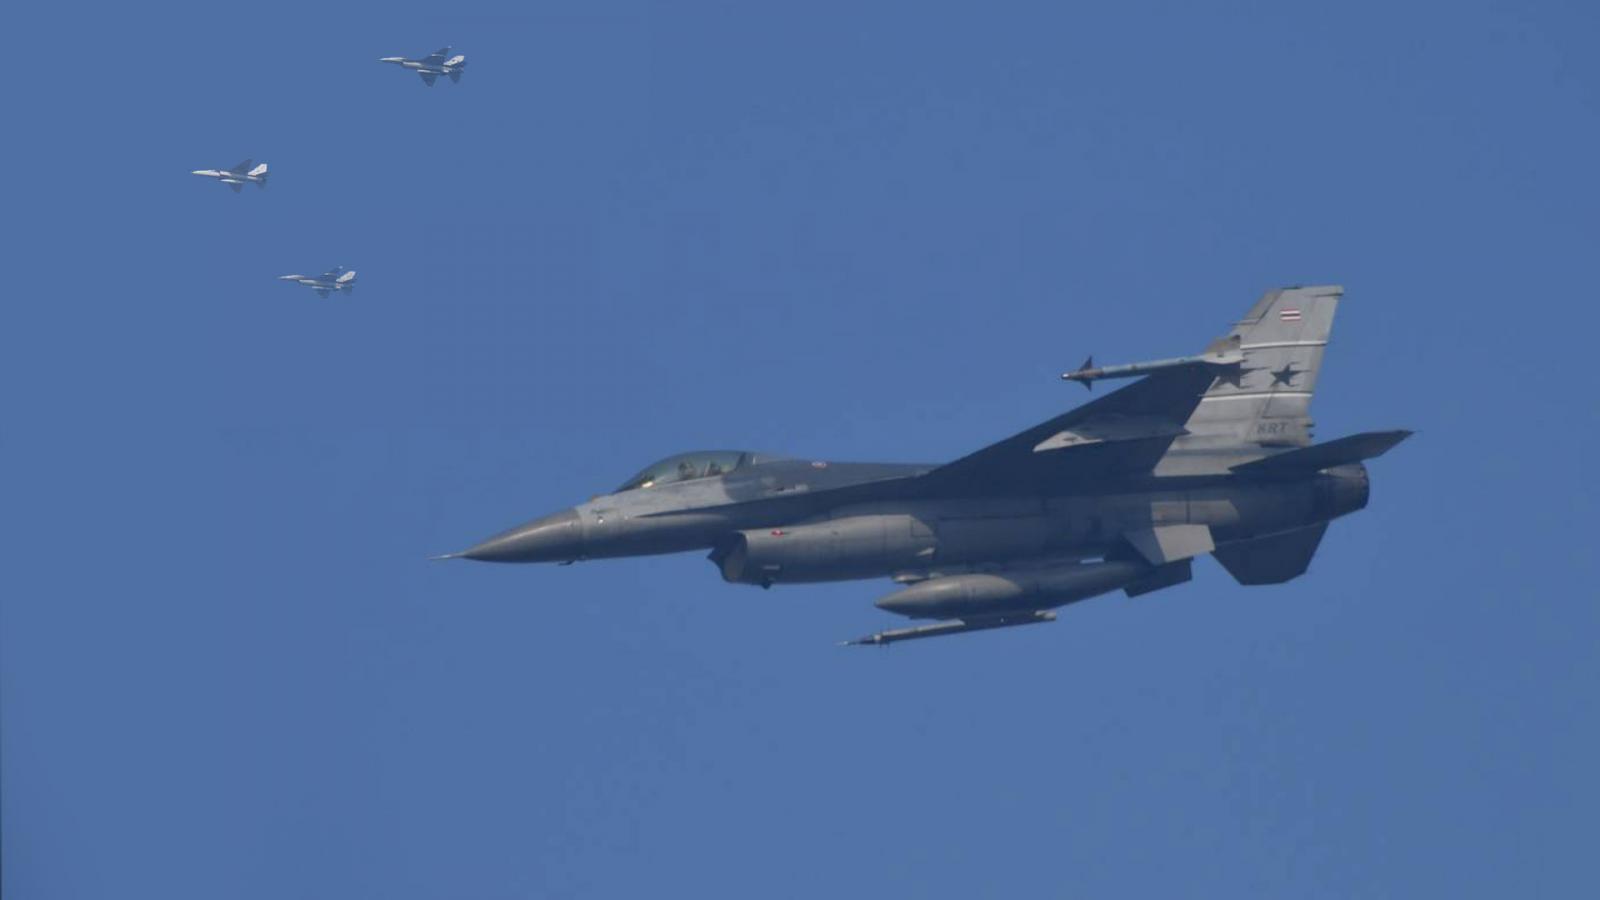 """ทอ.นำเครื่องบินรบ """"F16- Gripen"""" ซ้อมโชว์งานวันเด็กปี 63"""